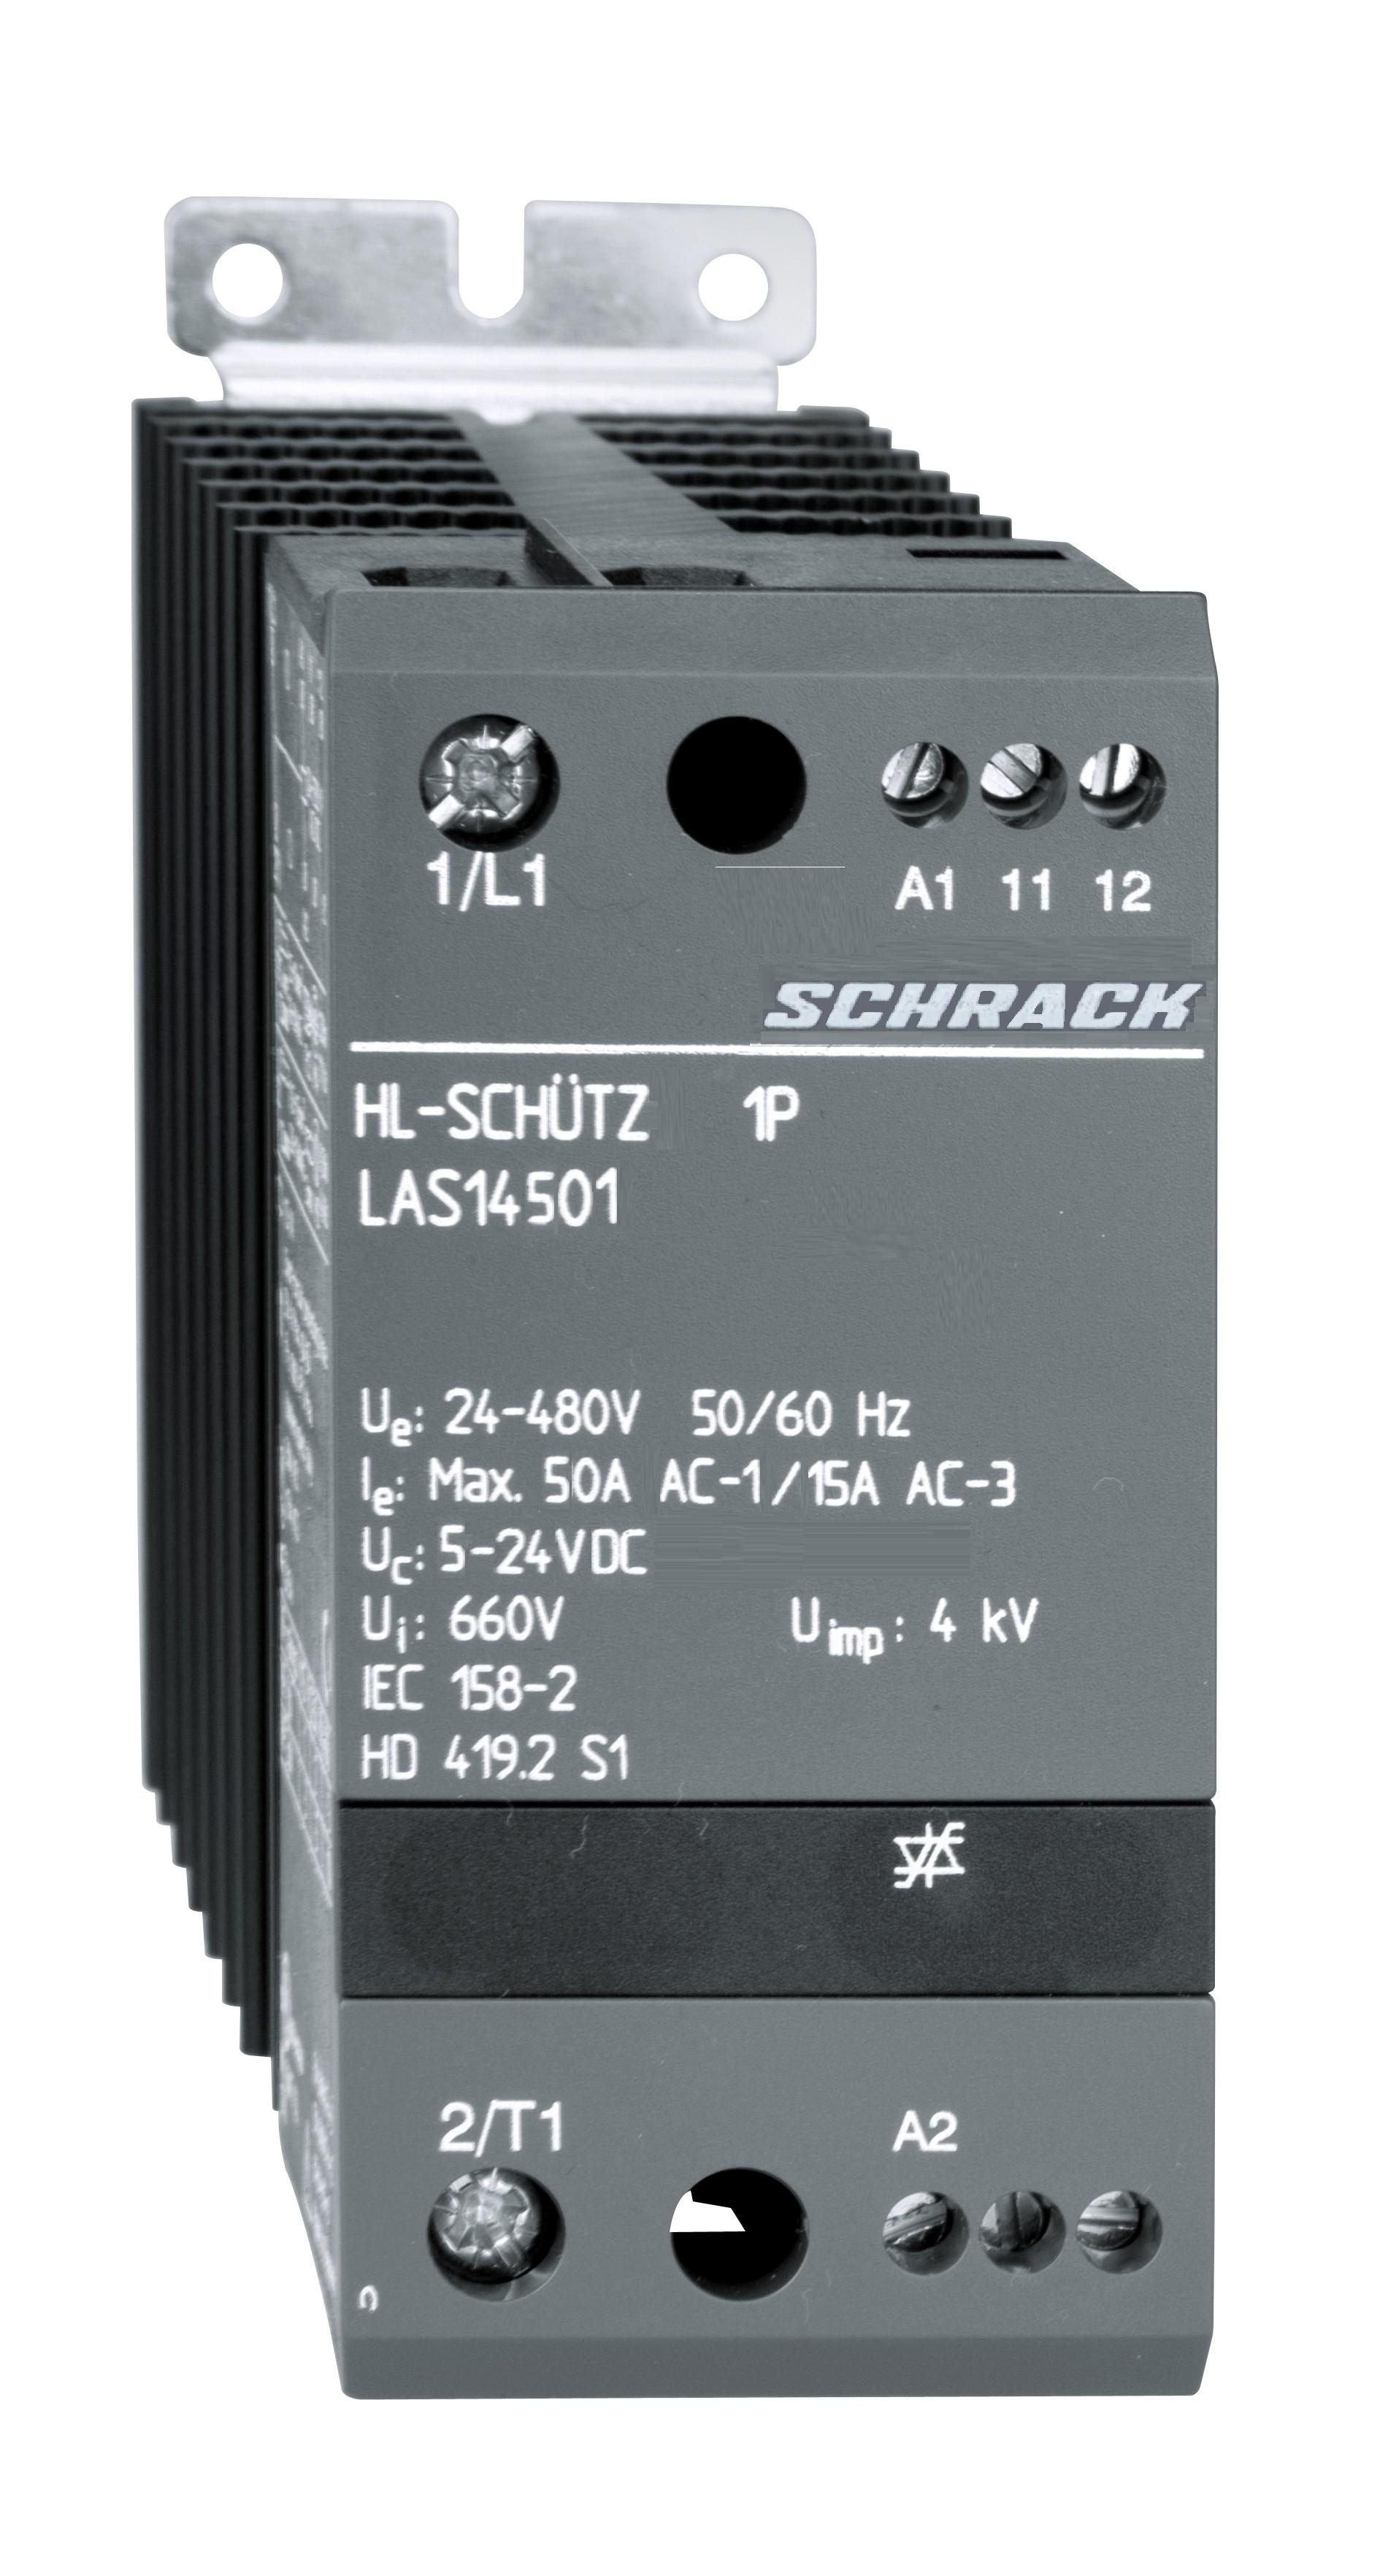 1 Stk Halbleiterschütz 1-polig 50A/24-480VAC, 5-24VDC LAS14501--